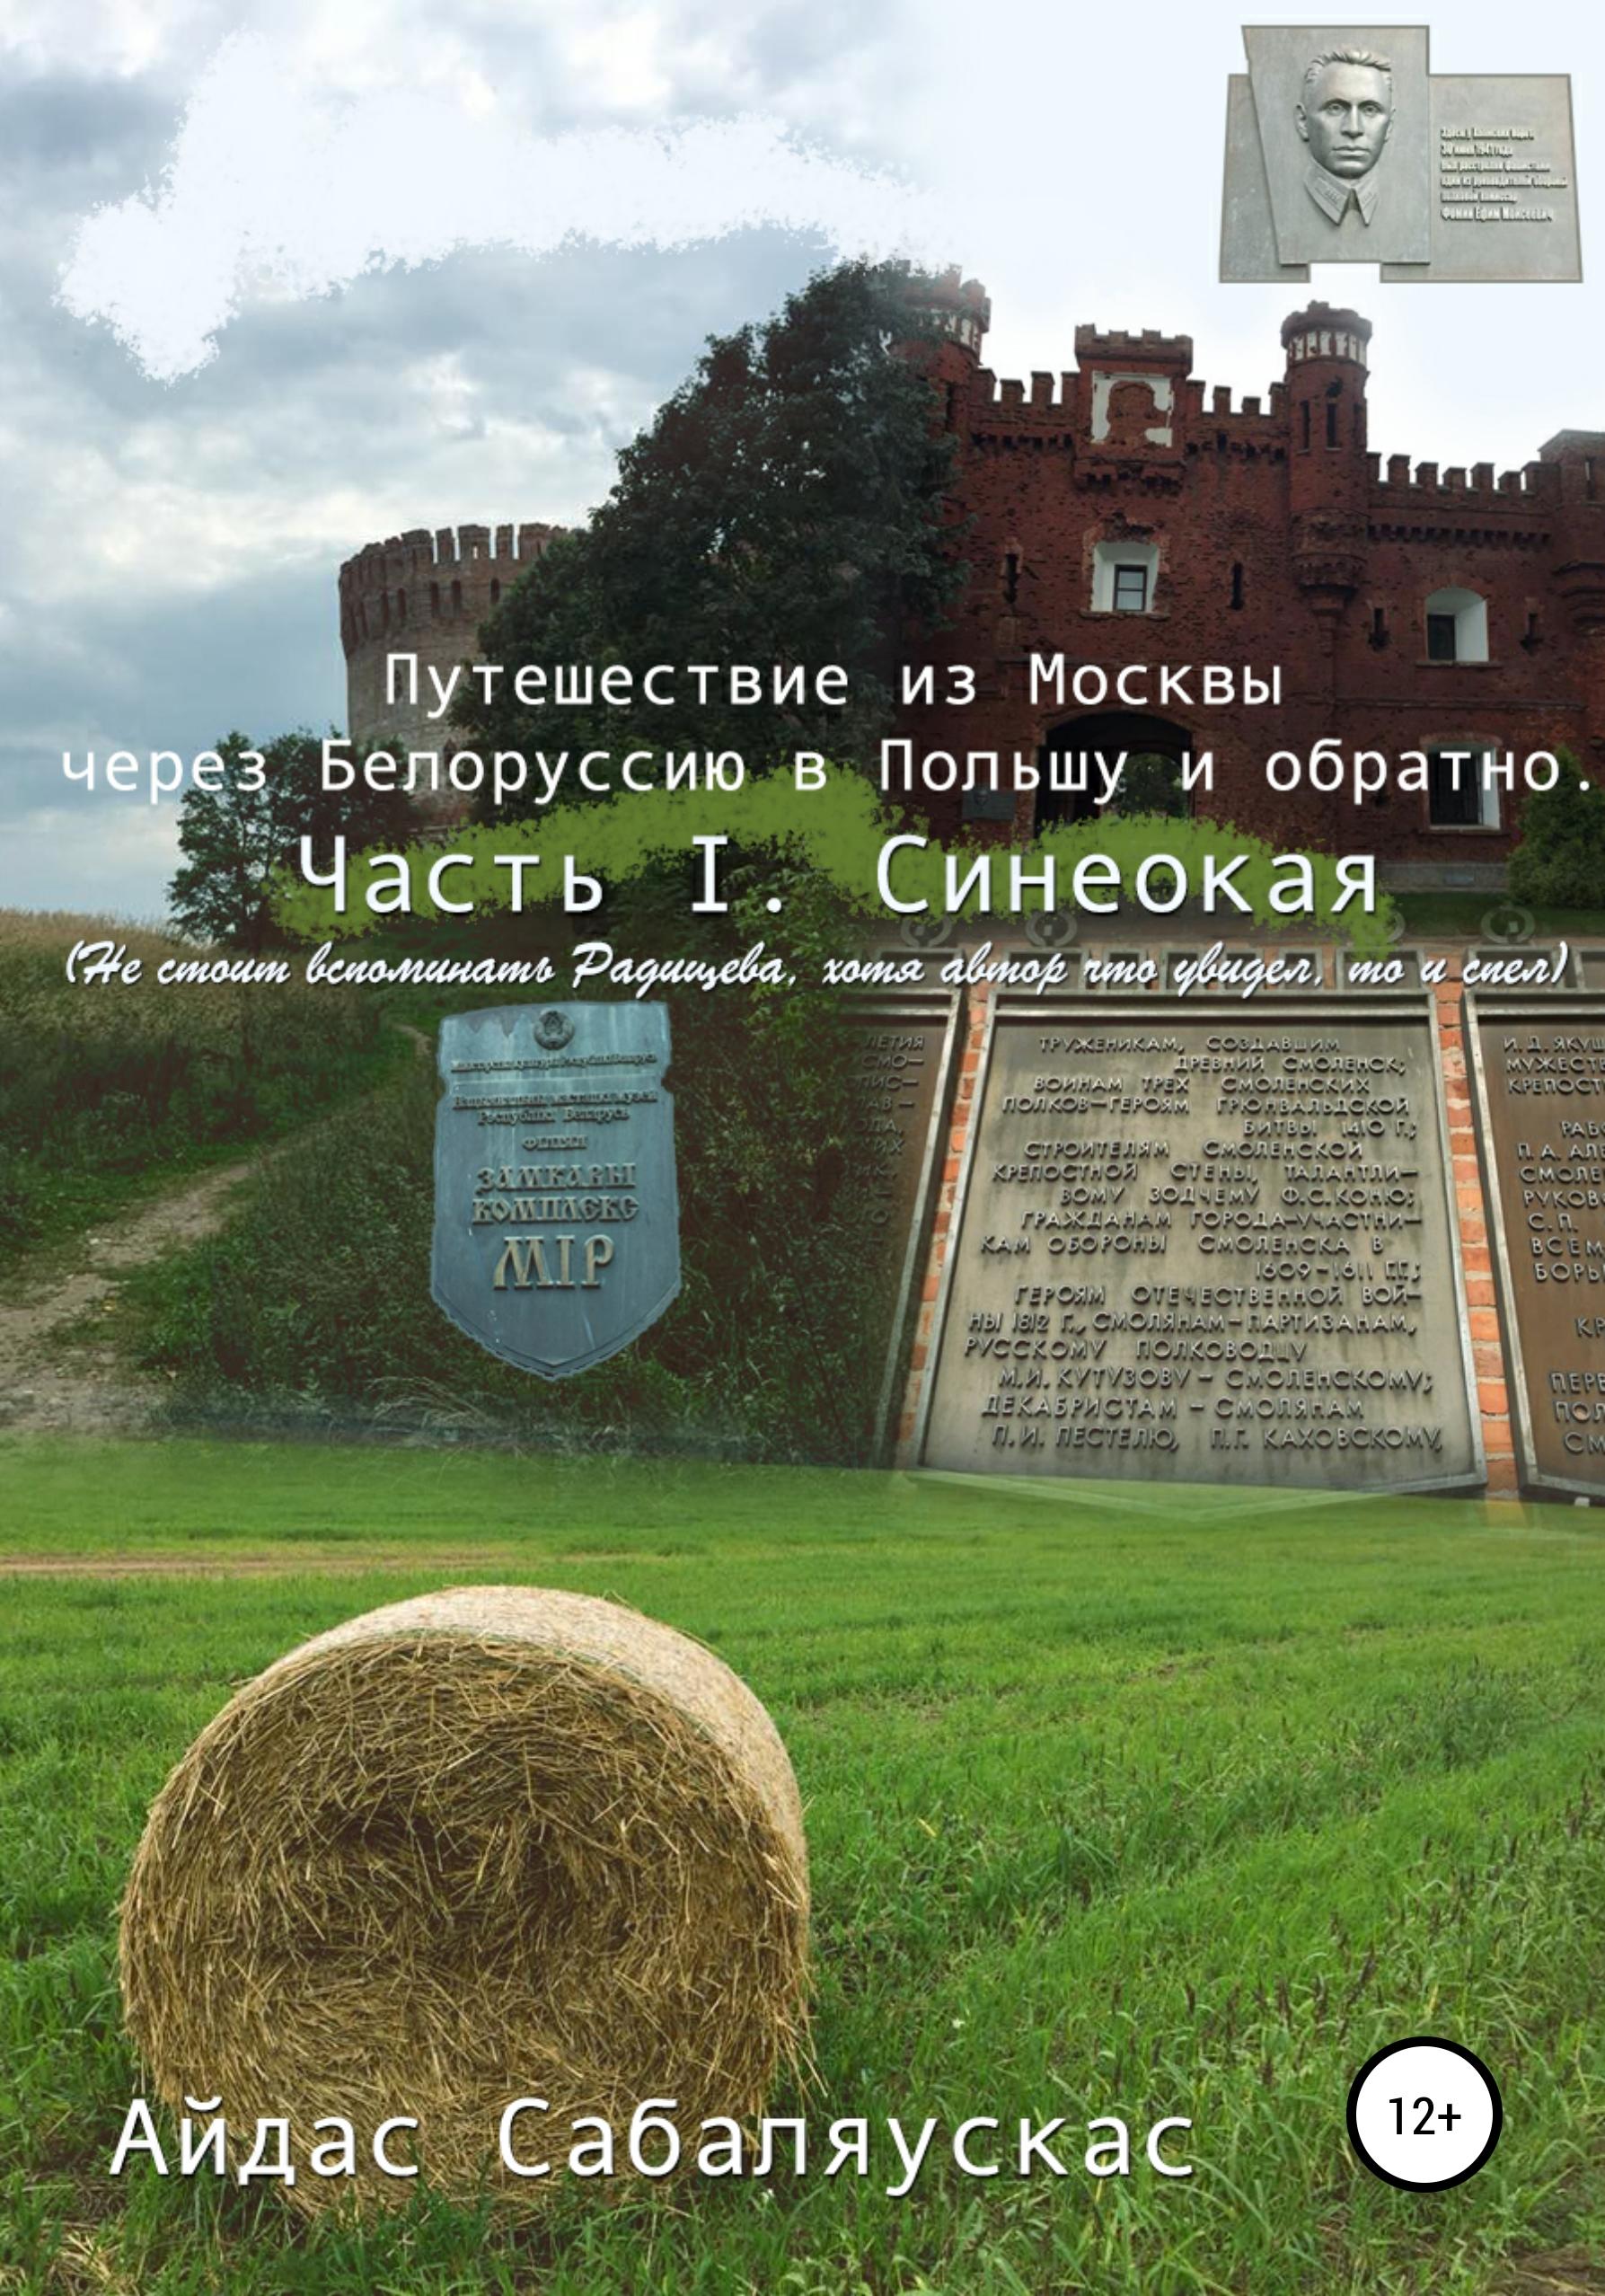 Купить книгу Путешествие из Москвы через Белоруссию в Польшу и обратно. Часть I. СИНЕОКАЯ, автора Айдаса Сабаляускаса